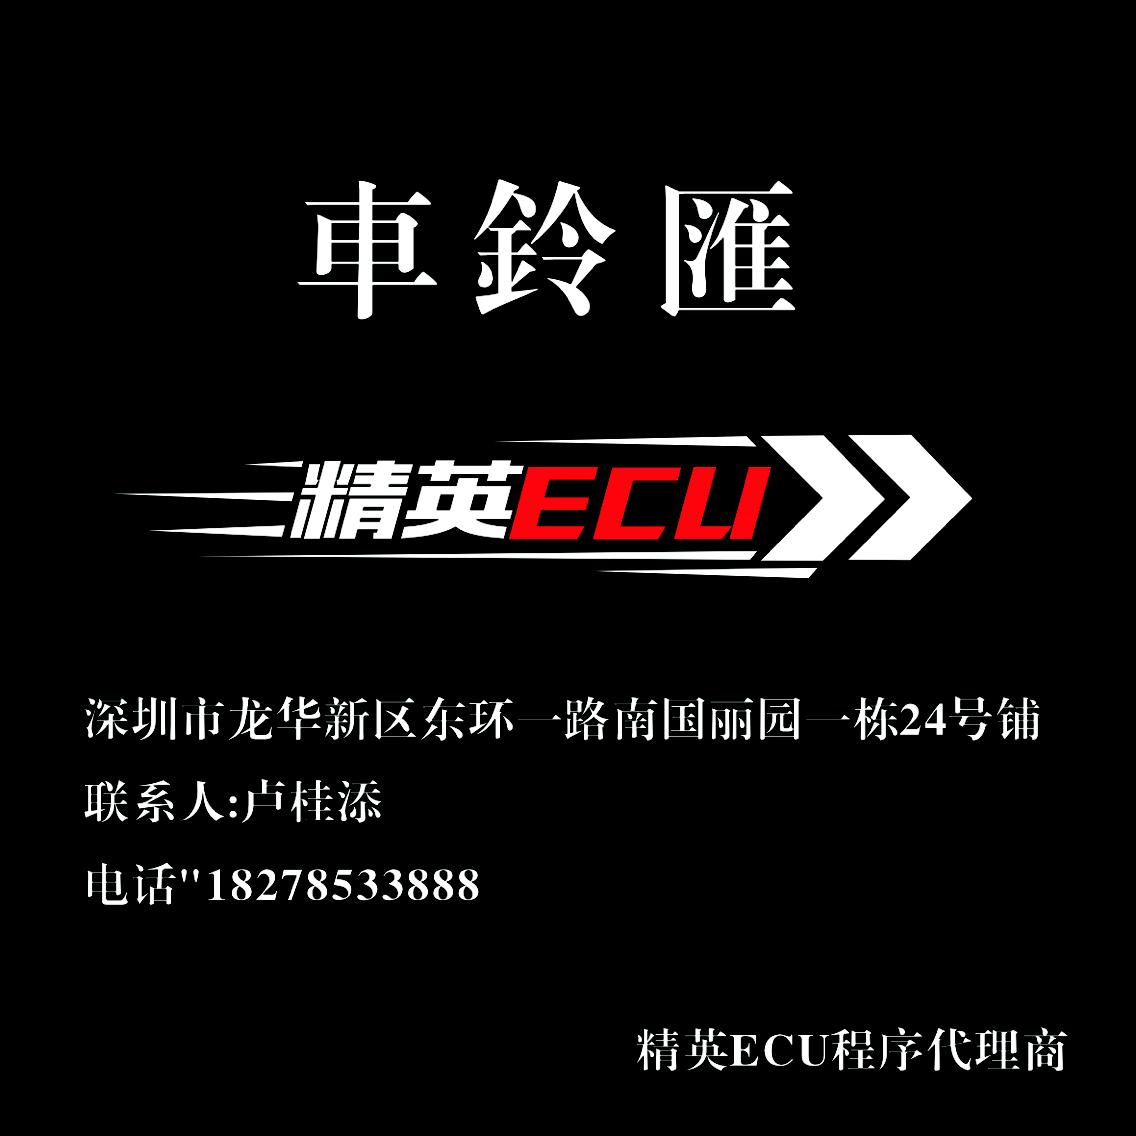 深圳#車鈴匯#ECU调校